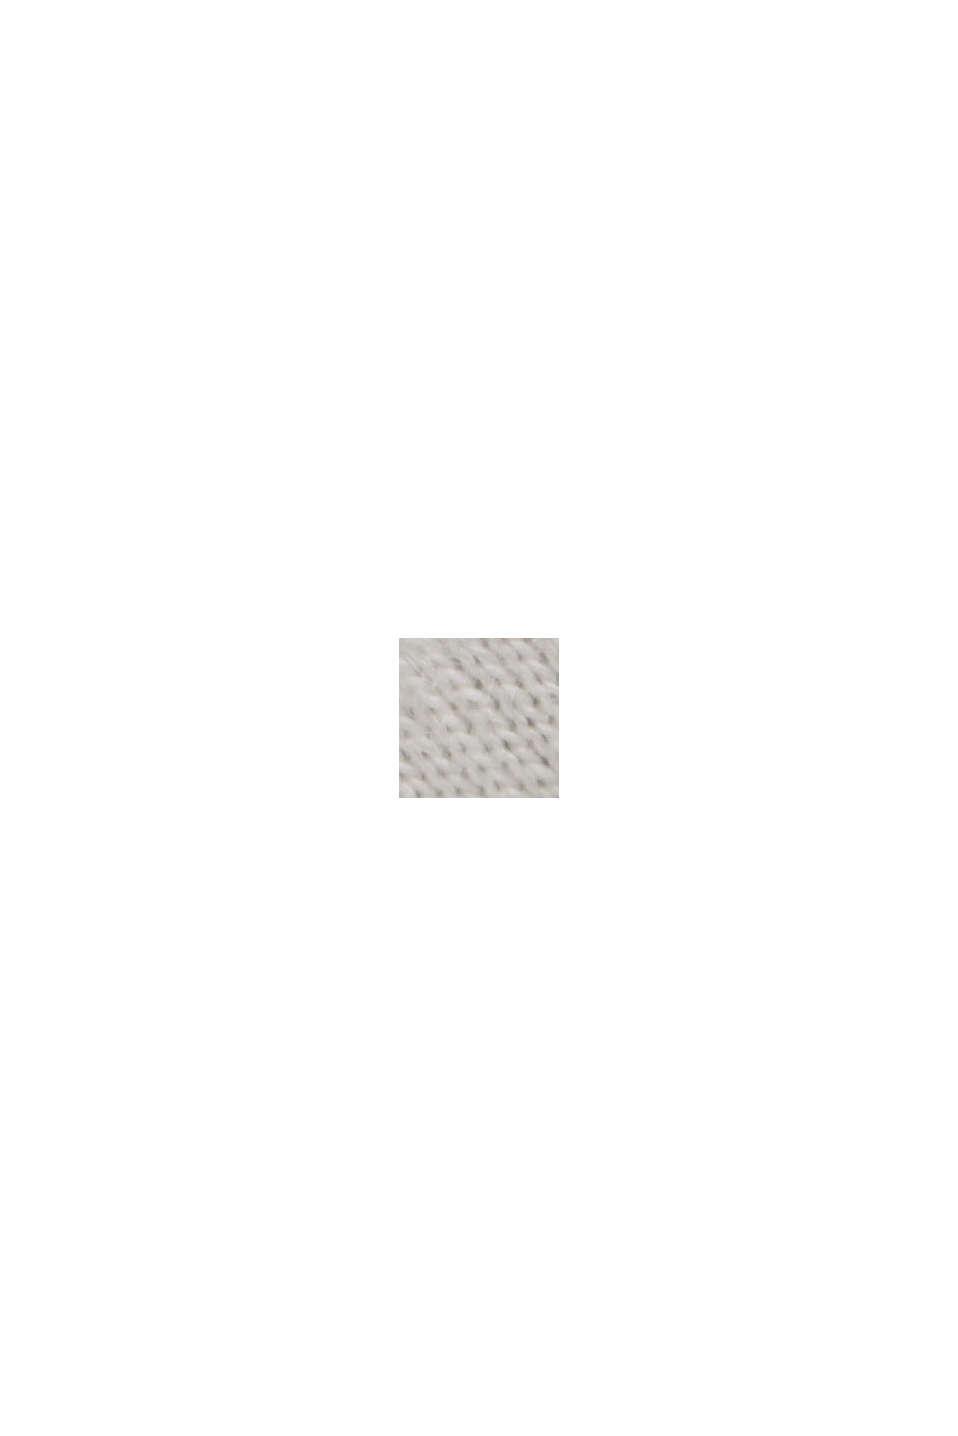 Maglia con dettagli a giorno, cotone biologico/TENCEL™, LIGHT KHAKI, swatch